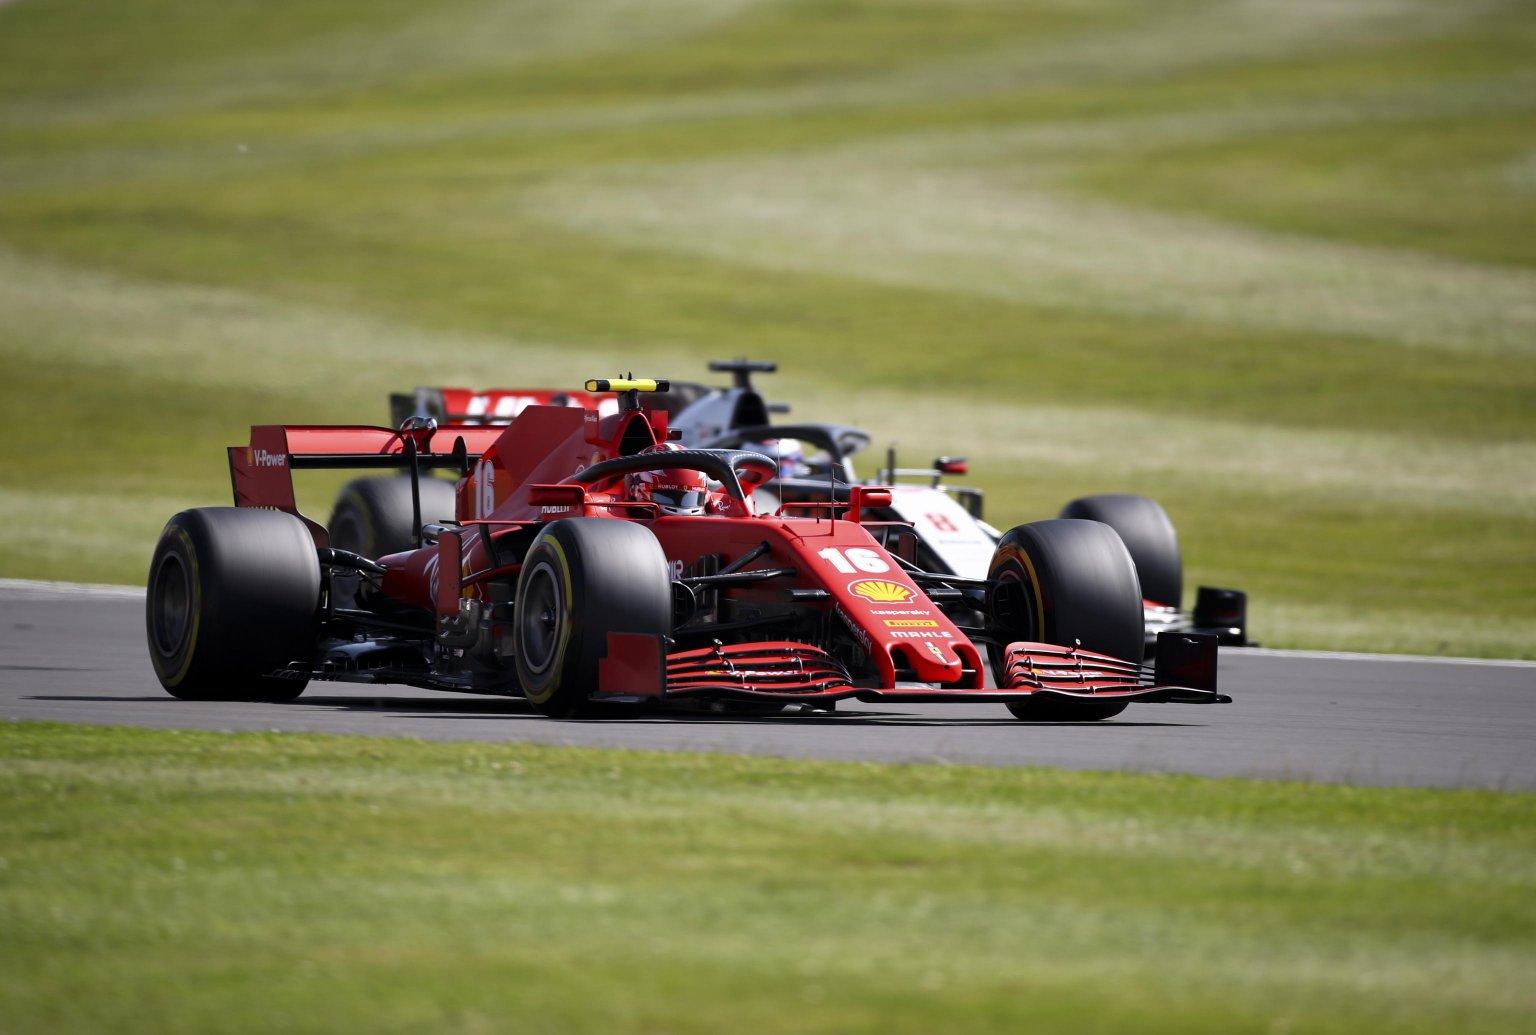 F1 Gran Bretagna 2020, Qualifiche - Diretta esclusiva Sky Sport, differita TV8